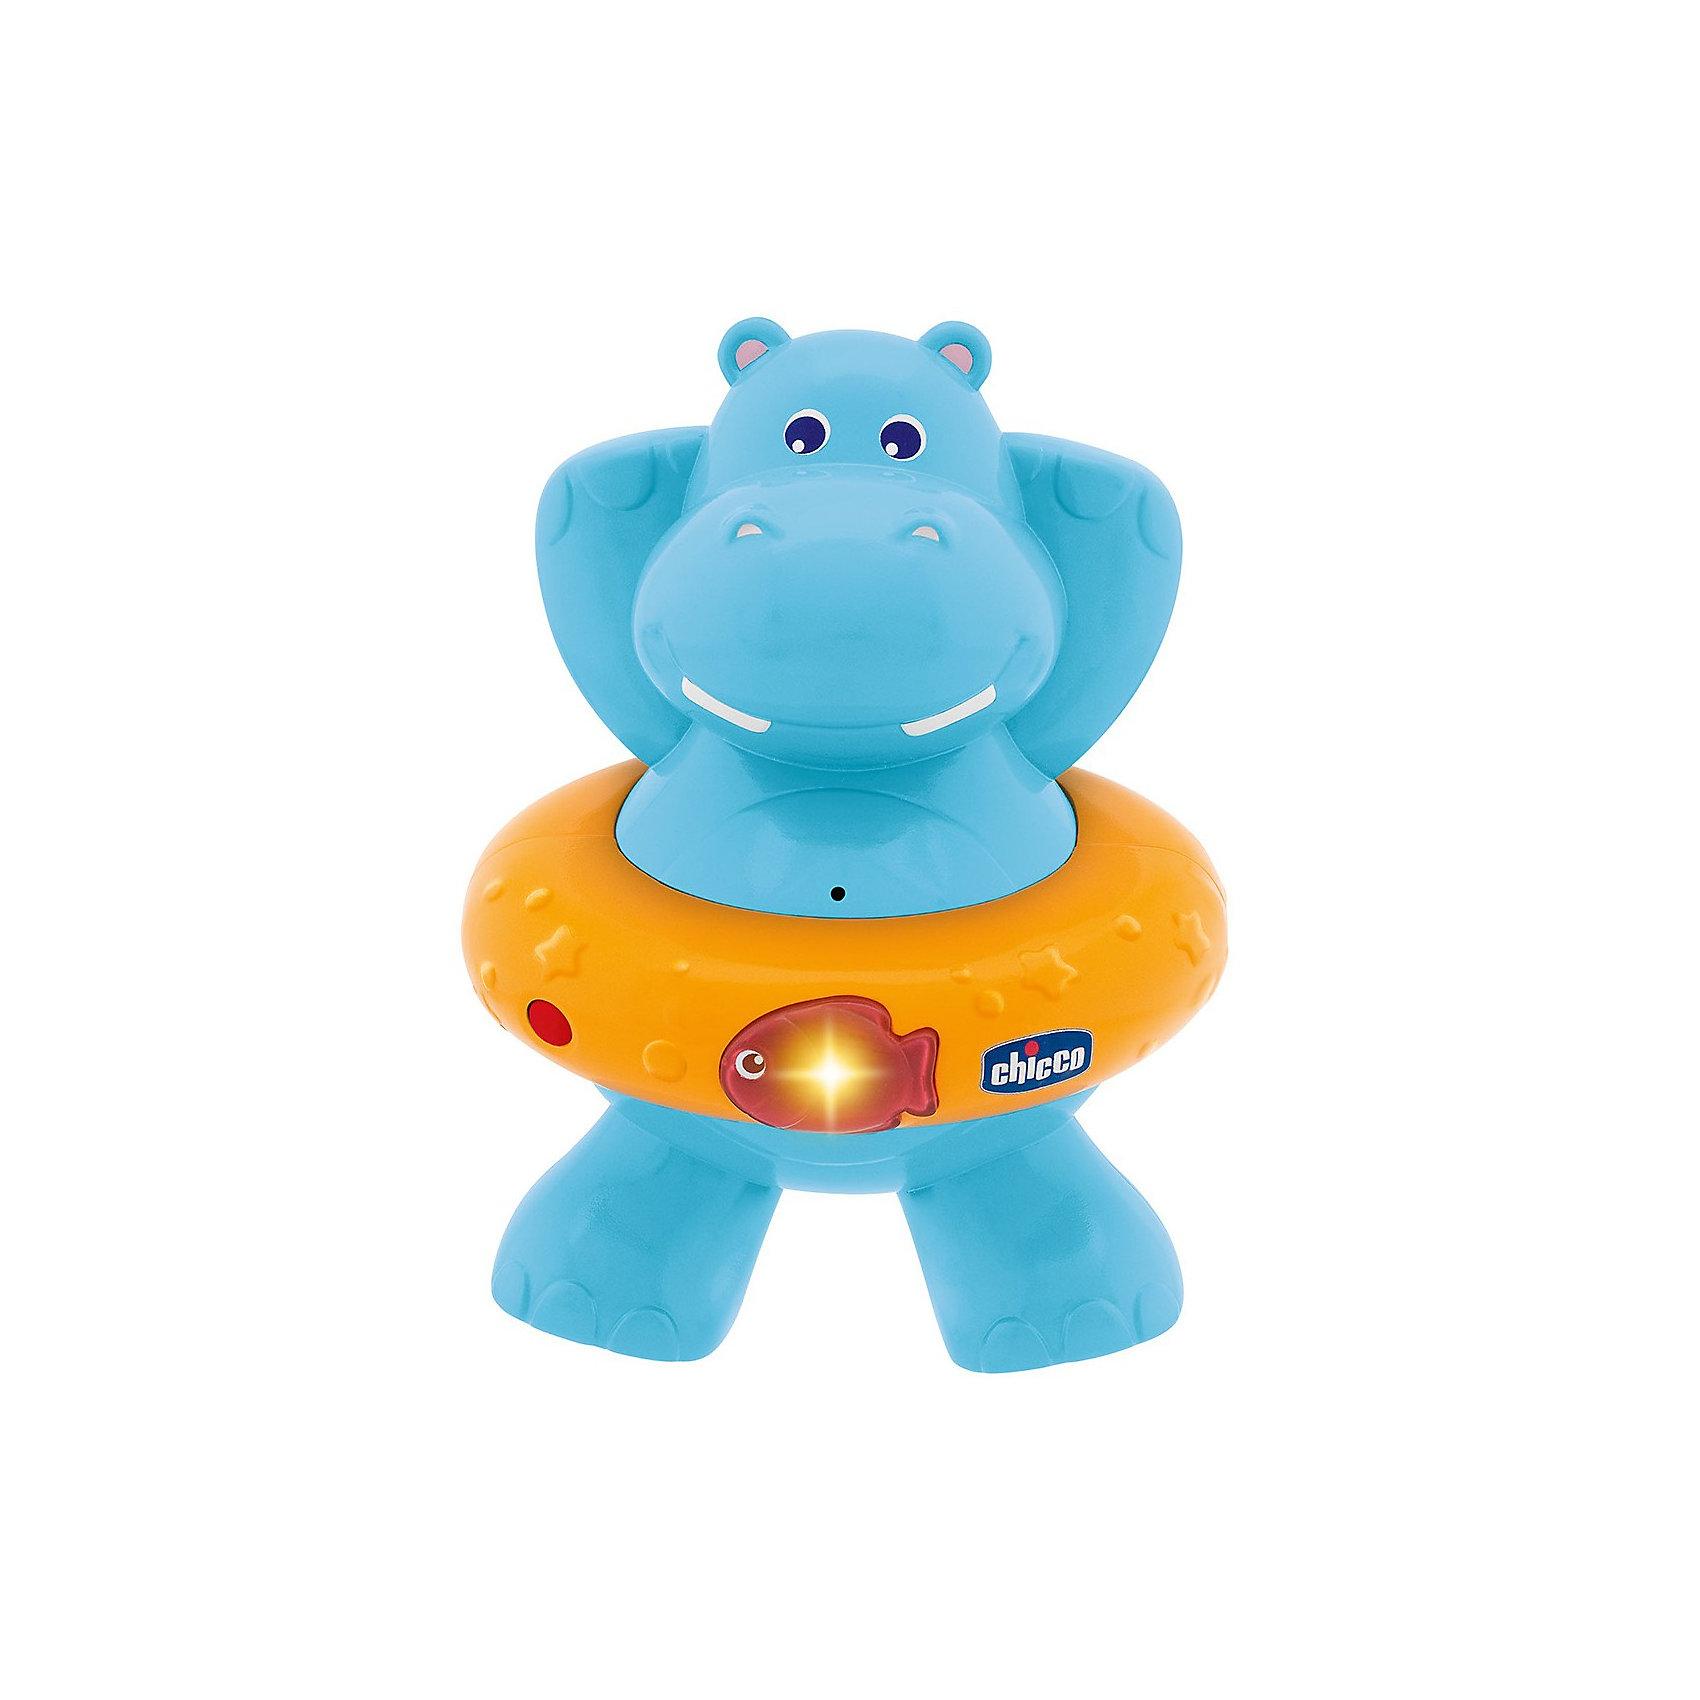 Игрушка для ванной Счастливый бегемотик, ChiccoДинамические игрушки<br>Игрушка для ванны Счастливый бегемотик Chicco (Чико) - это очаровательный электронный плавающий гиппопотам!<br><br>Игрушка выполнена в виде бегемотика со спасательным кругом. Нажмите на рыбку на спасательном круге, и вы услышите мелодии и увидите световые эффекты. Игрушка поможет Вашей крохе развить навыки понимания музыки.<br><br>Счастливый бегемотик оснащен датчиком движения. <br><br>Игрушку для ванны Счастливый бегемотик Chicco можно купить в нашем интернет-магазине.<br><br>Ширина мм: 103<br>Глубина мм: 150<br>Высота мм: 211<br>Вес г: 400<br>Возраст от месяцев: 6<br>Возраст до месяцев: 36<br>Пол: Унисекс<br>Возраст: Детский<br>SKU: 2495047